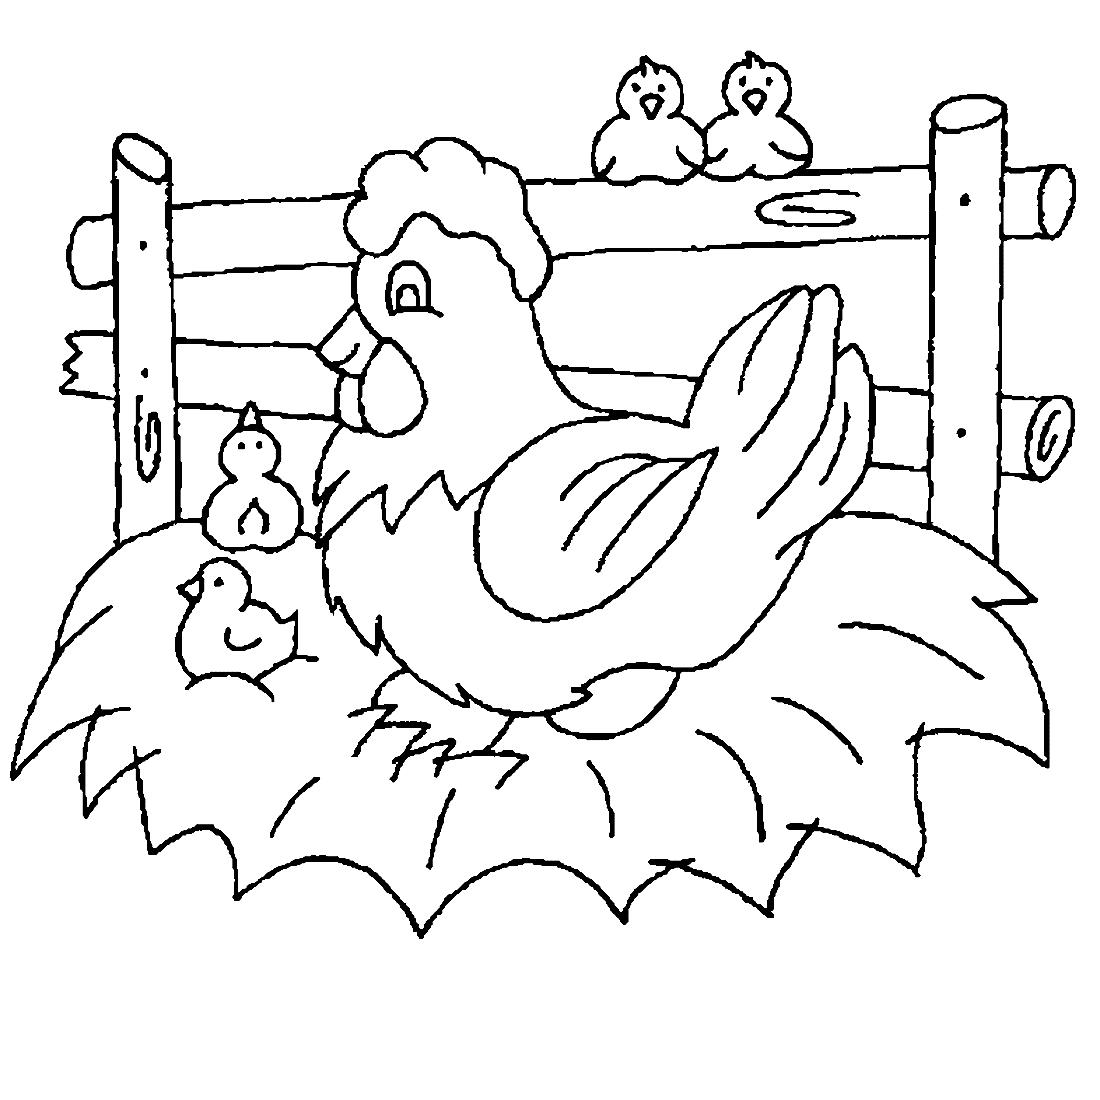 Раскраска курочка с цыплятами для малышей